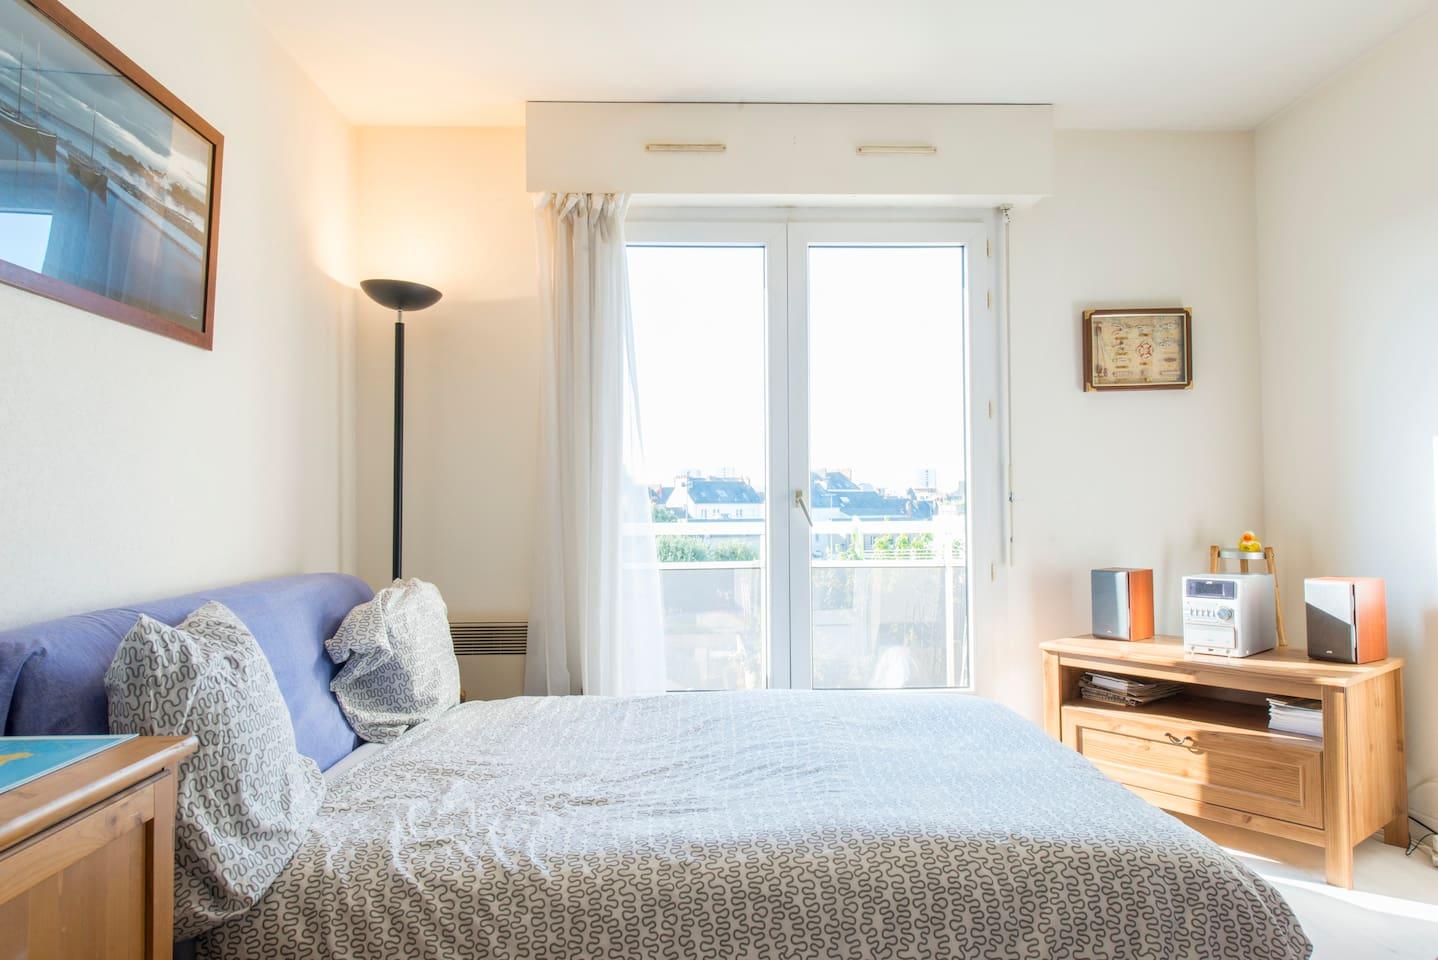 La pièce principale avec le lit